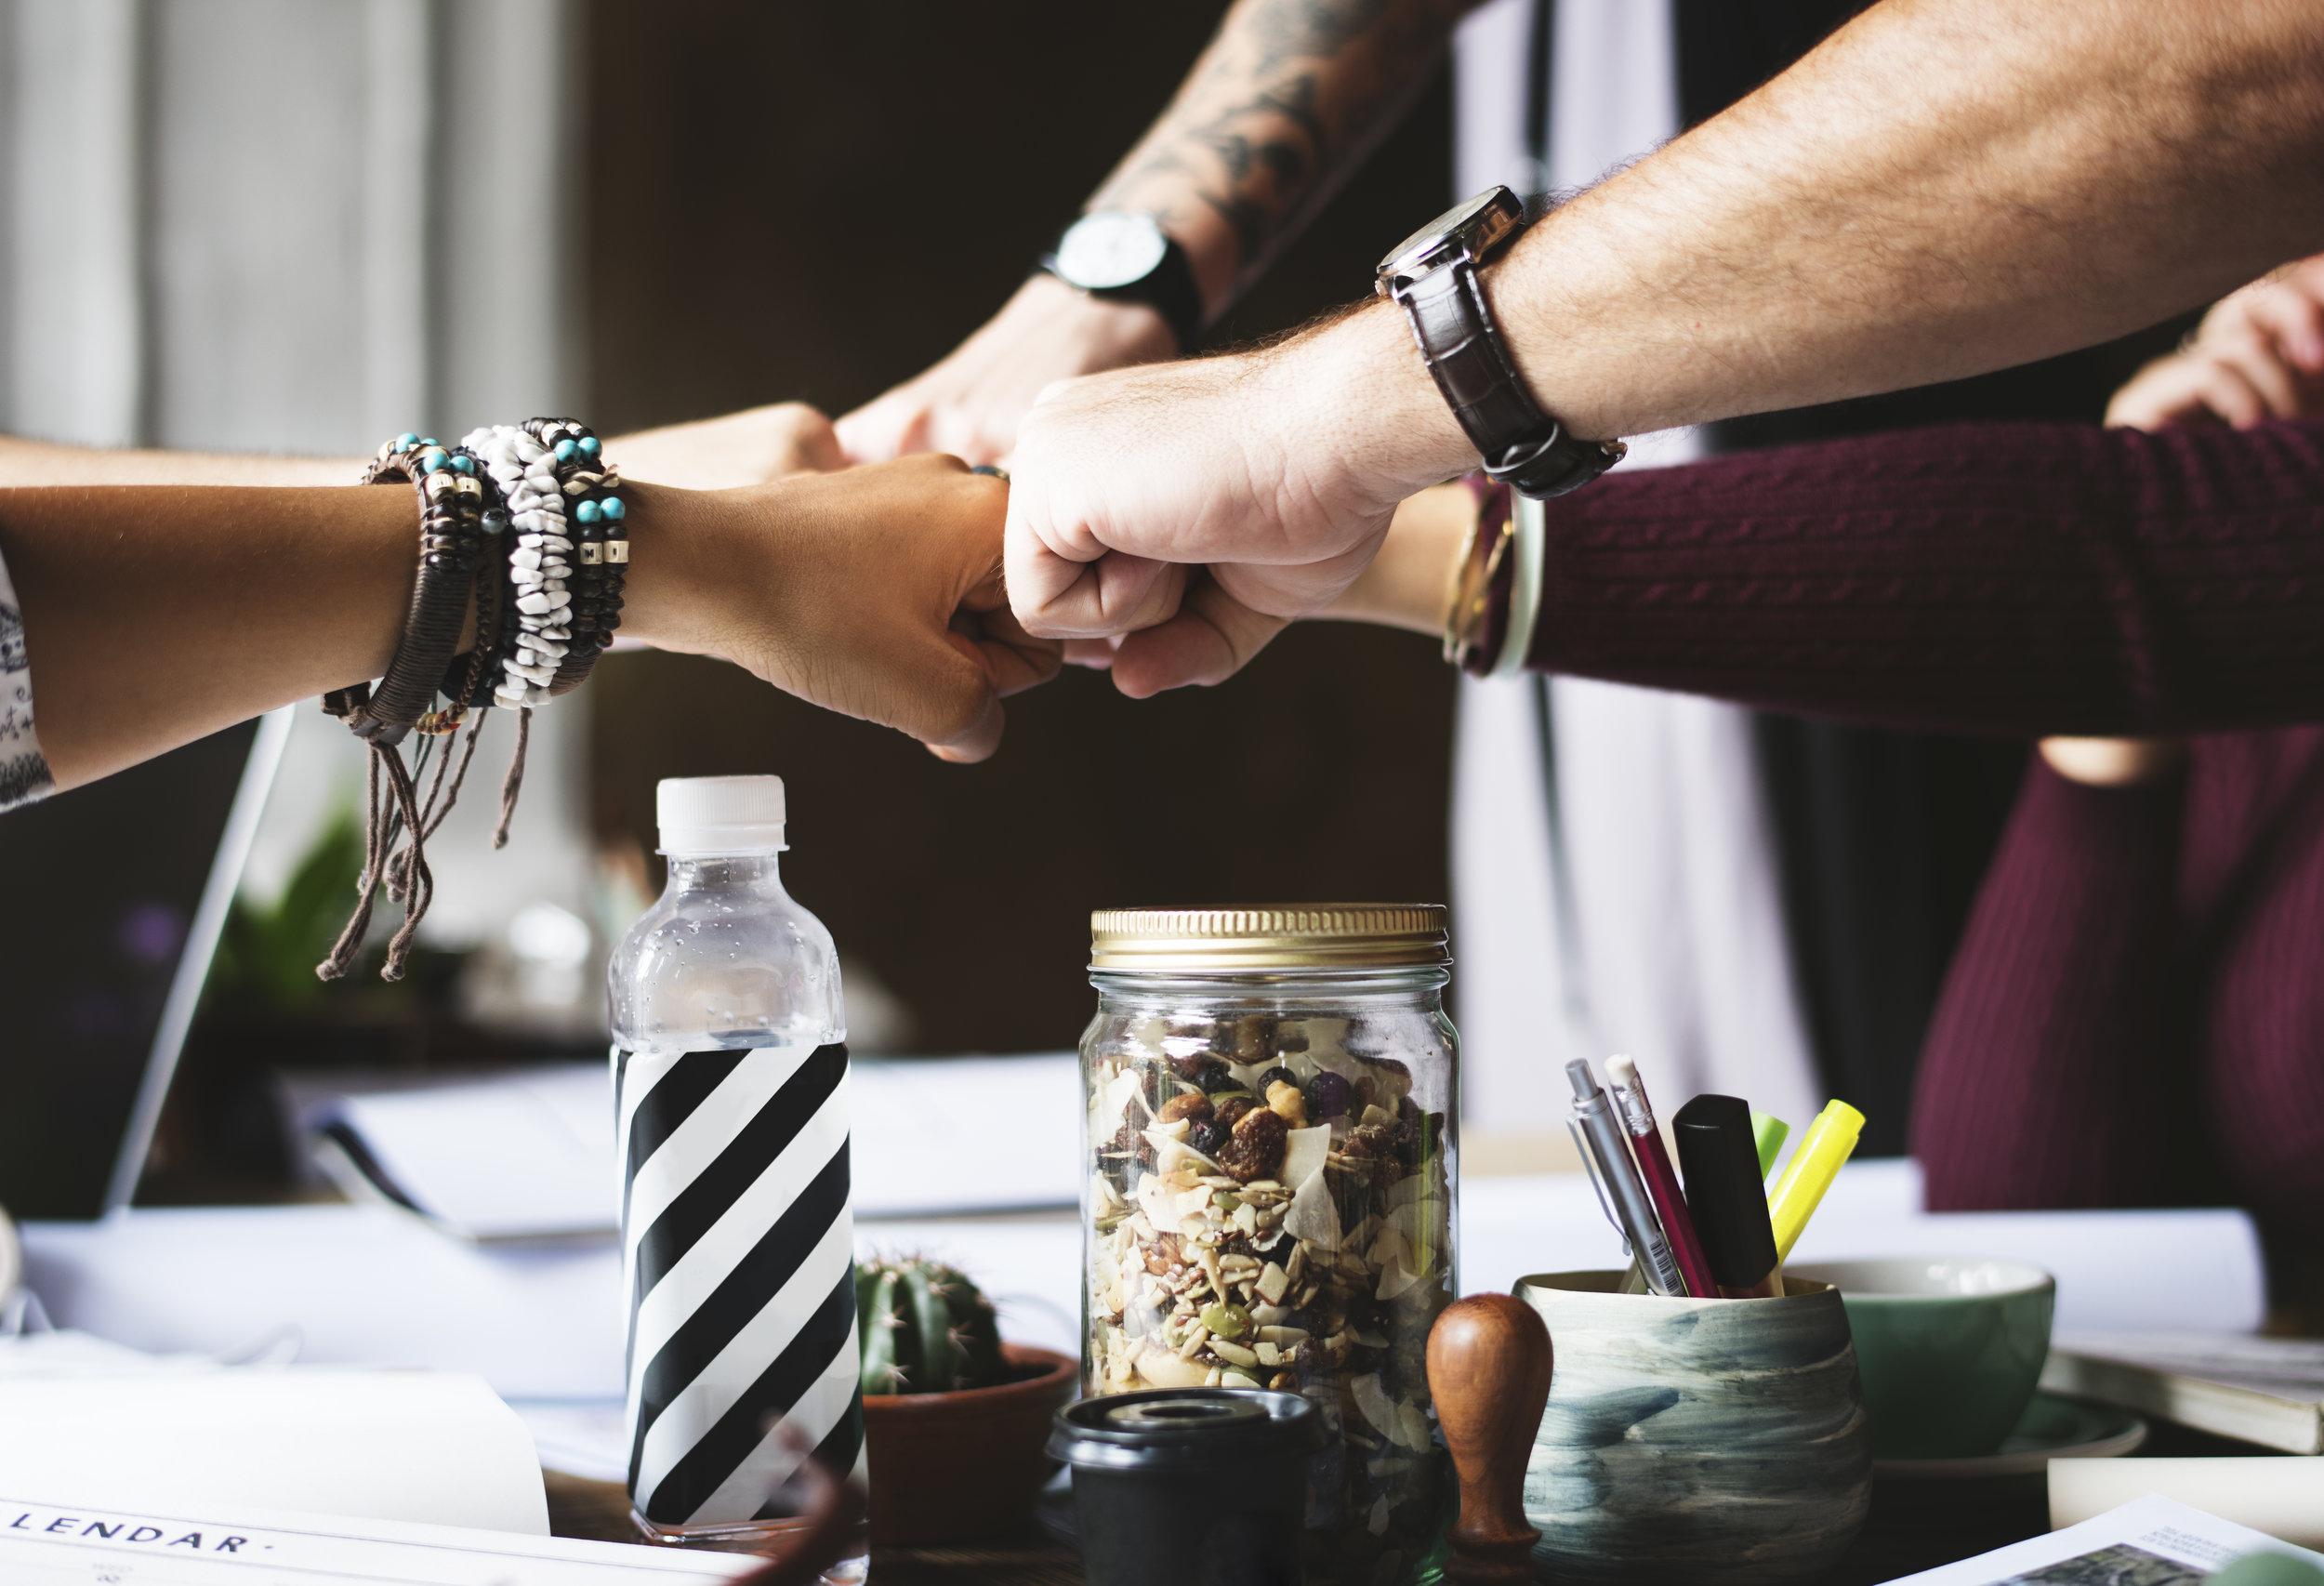 Nem kell mindentegyedülcsinálnod. - Mi gondoskodunk a jogi, pénzügyi és logisztikai kérdésekről, hogy te szabadúszóként arra koncentrálhass, amihez a legjobban értesz: a szakmádra.